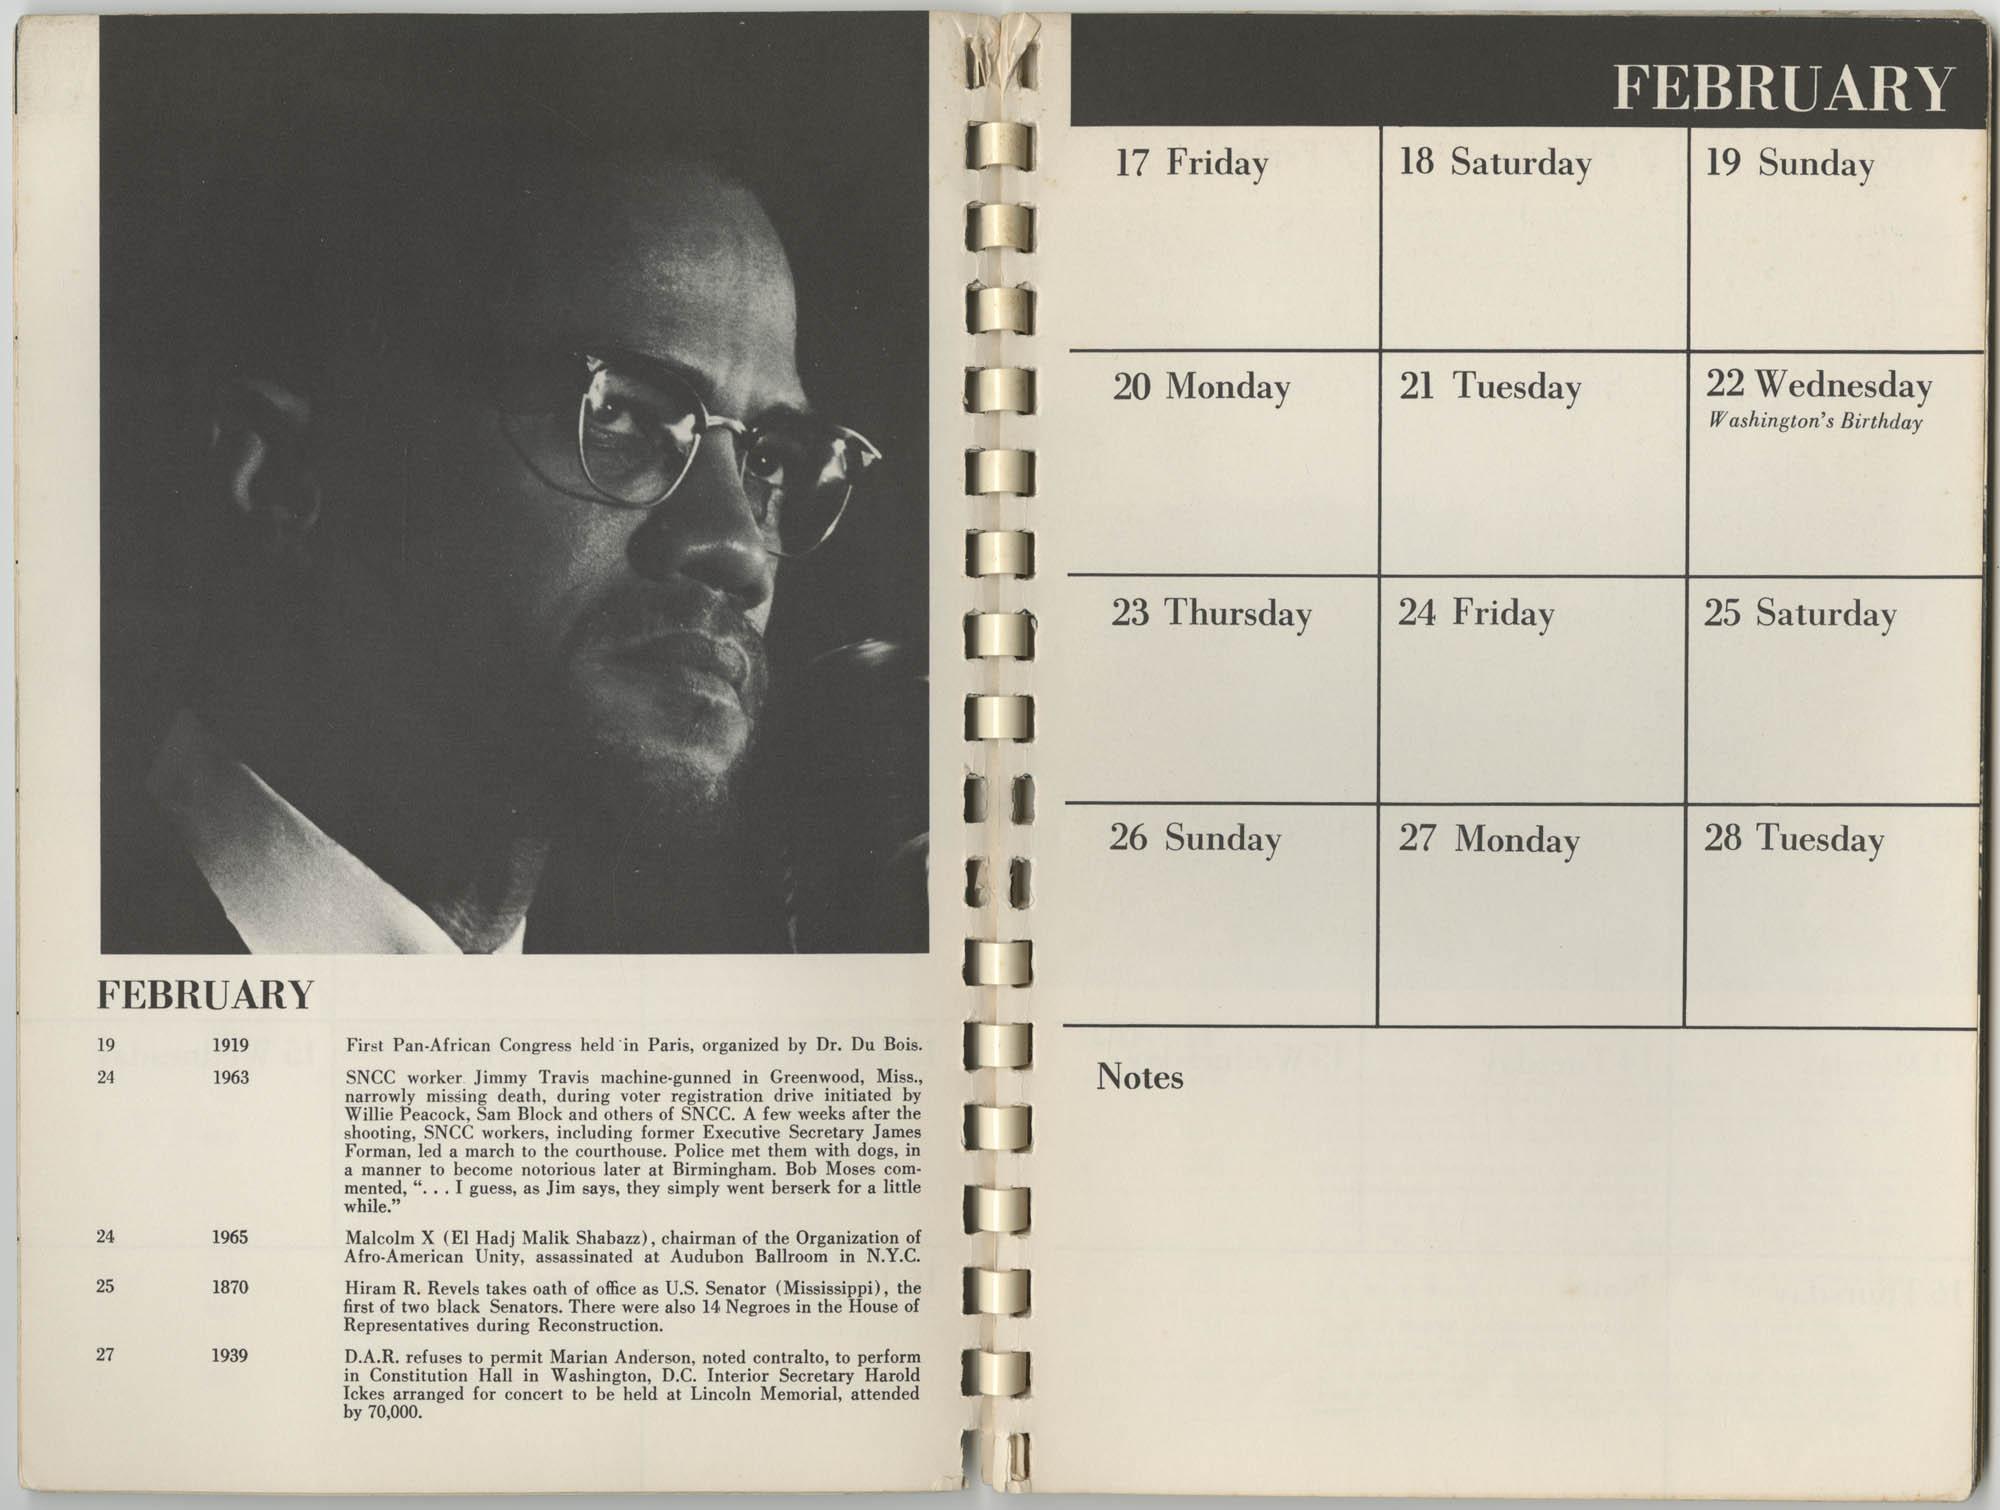 1967 SNCC Calendar, February 17-28